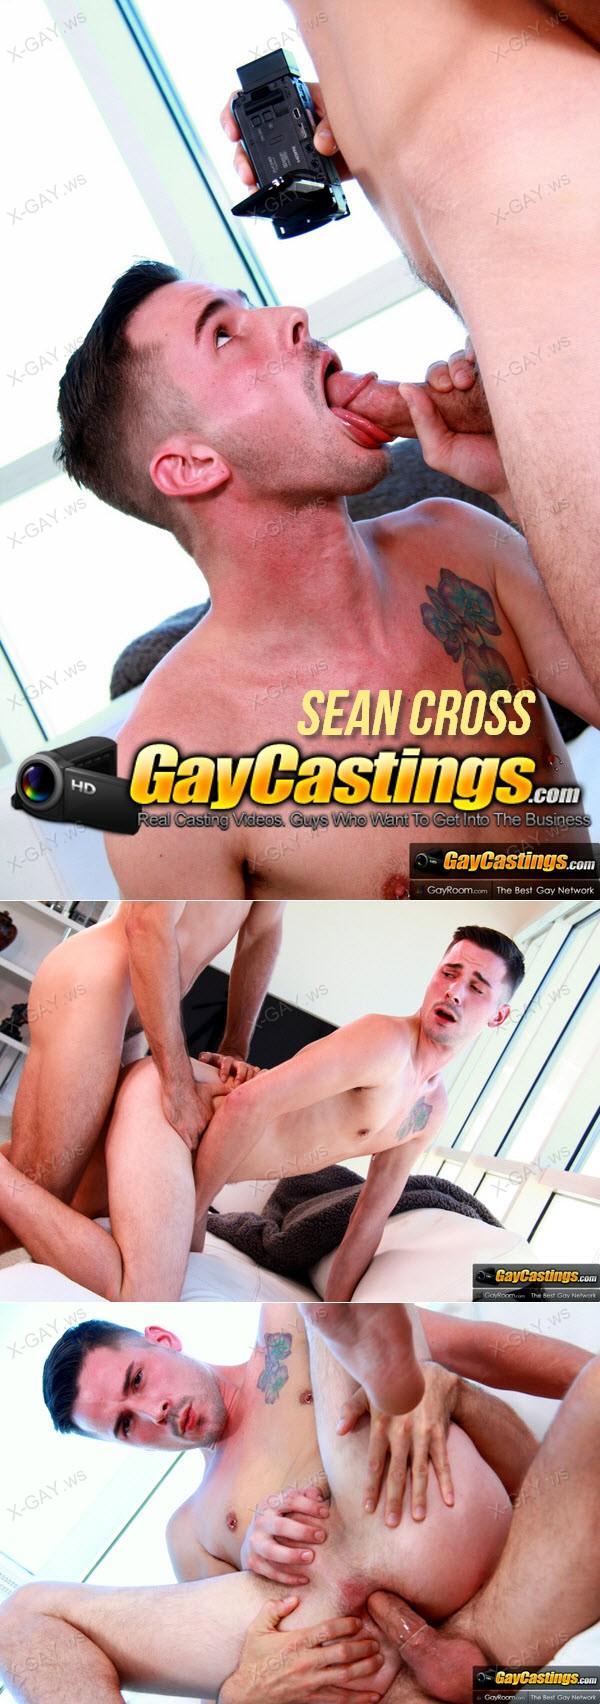 gaycastings_seancross.jpg